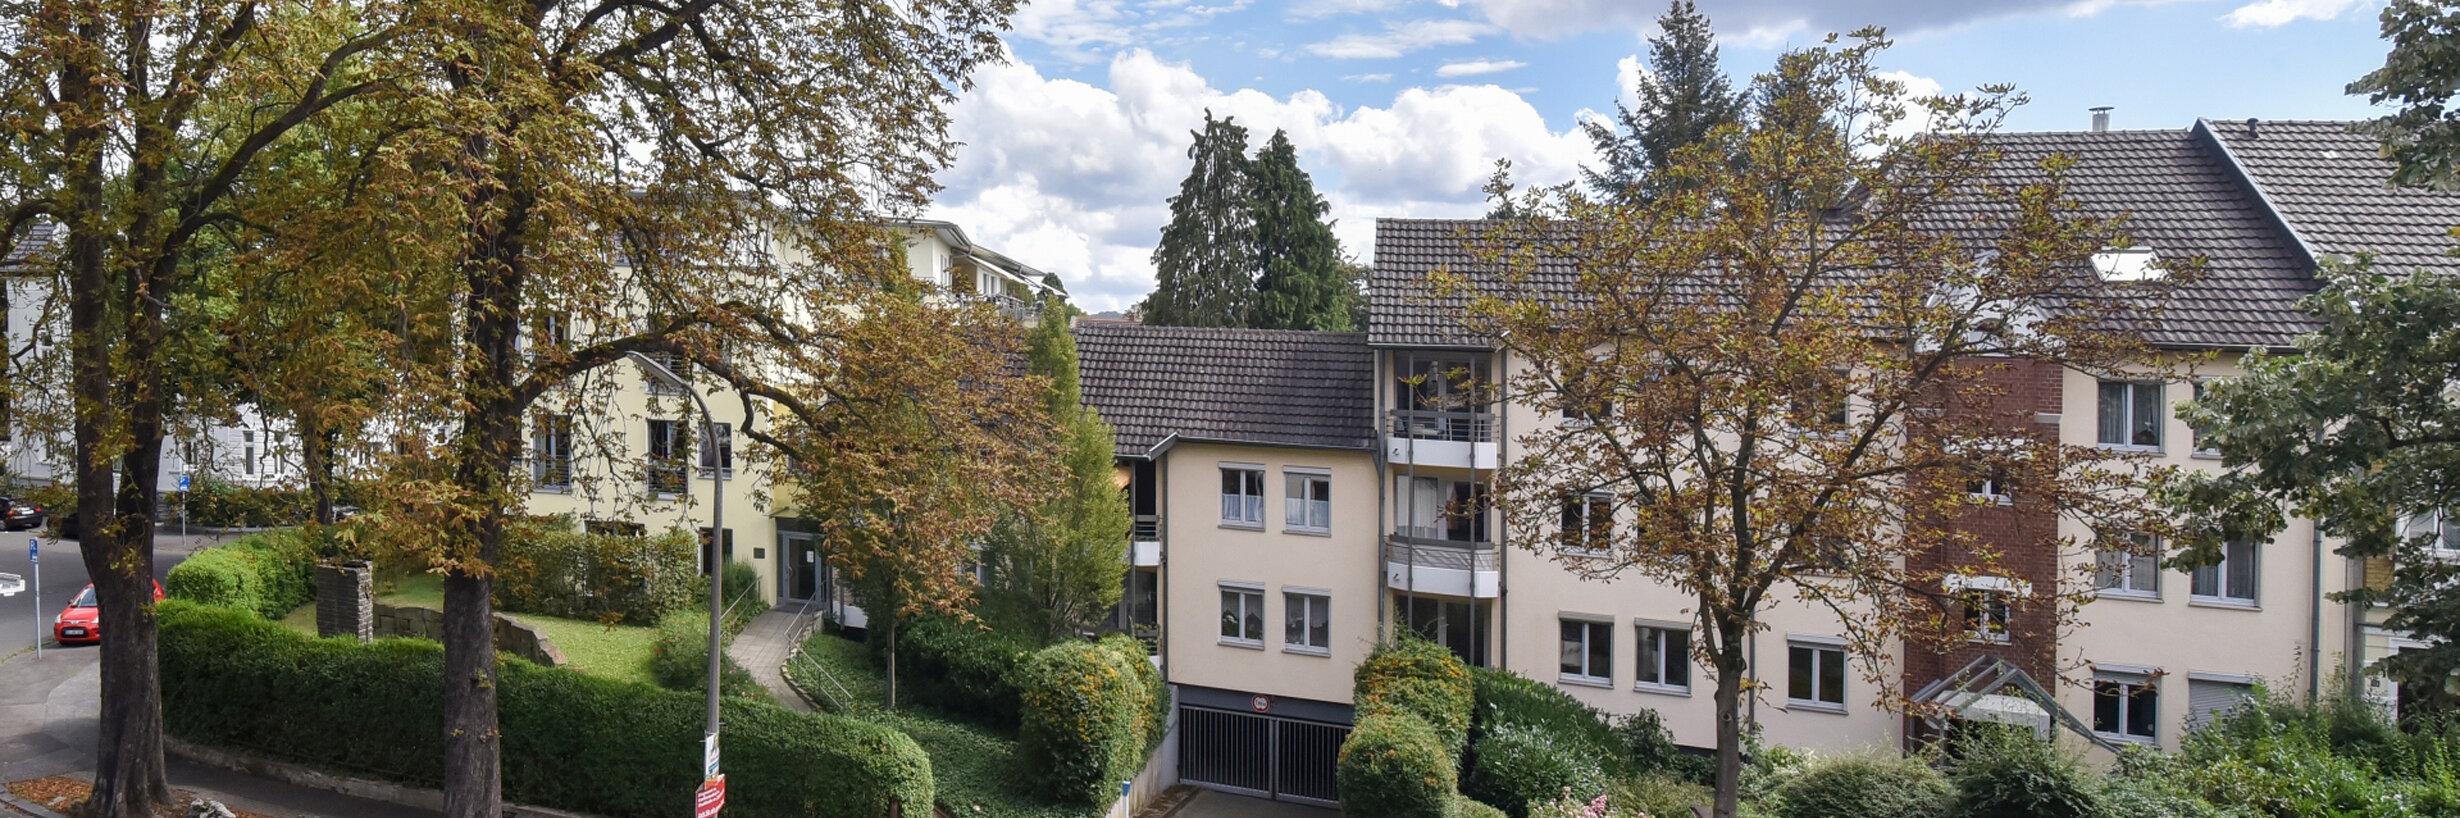 Sicht auf die Einrichtung Johanniterhaus Bonn.